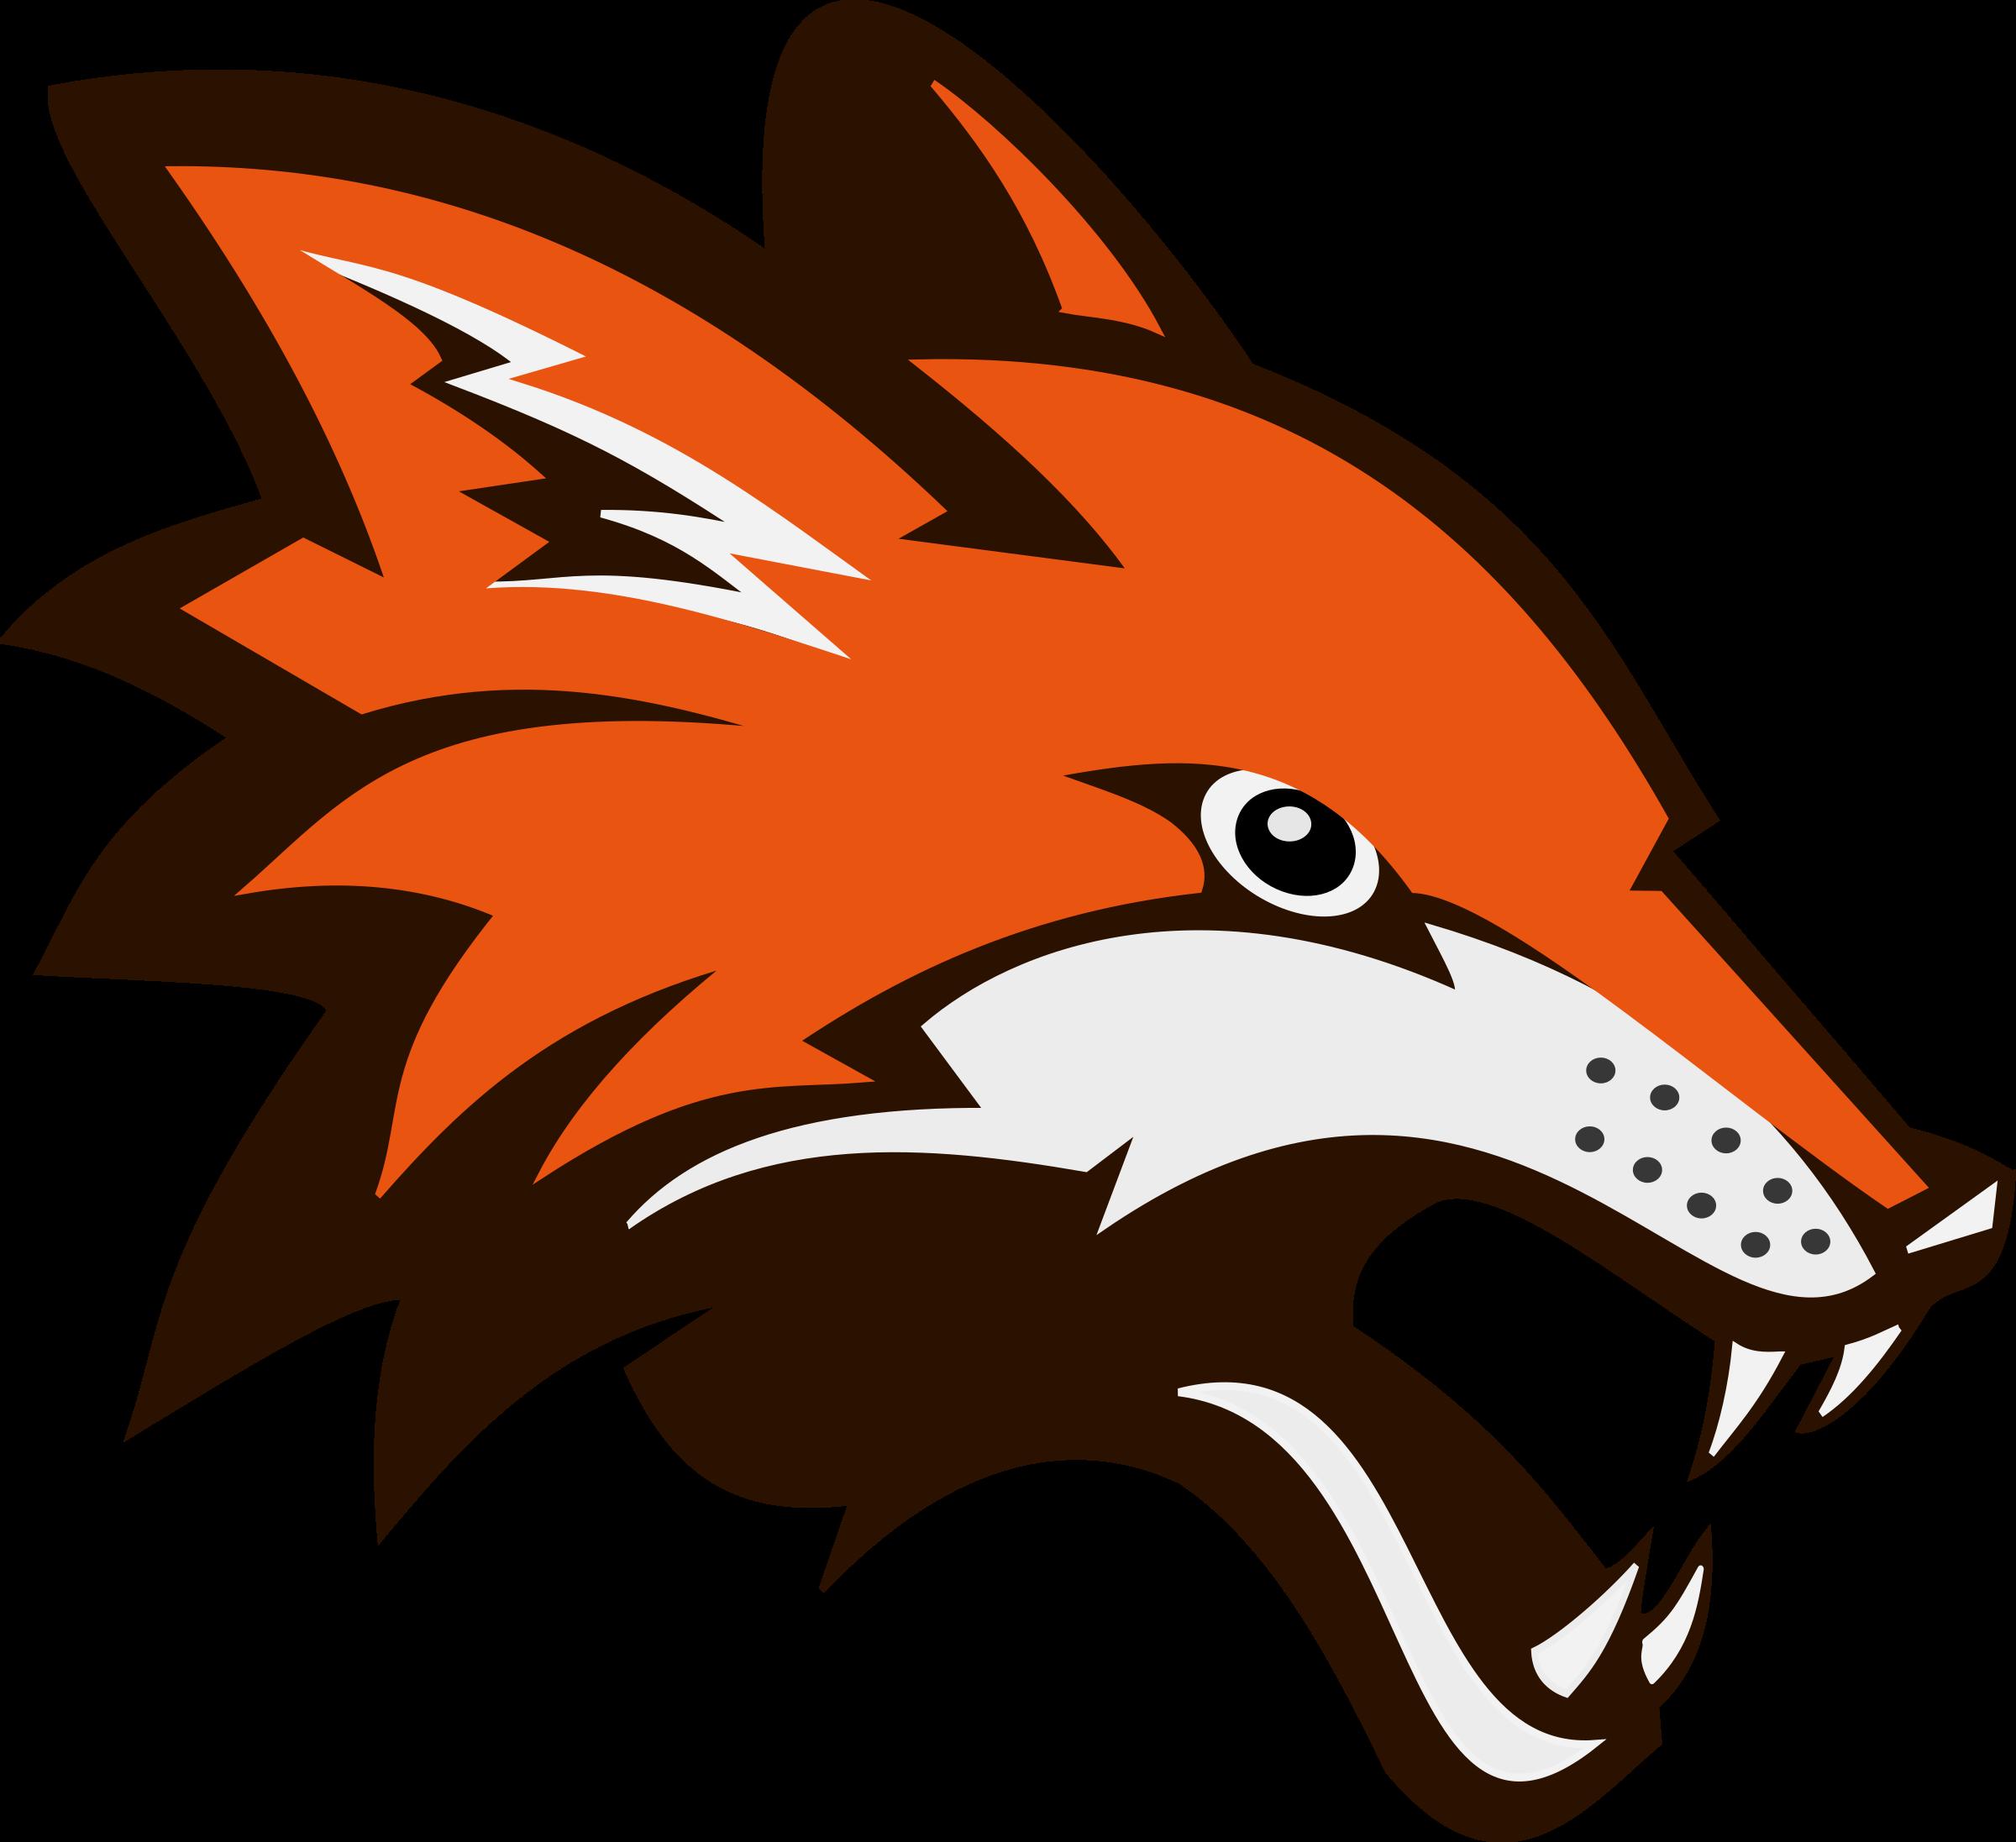 Fighting Fox by marauder.